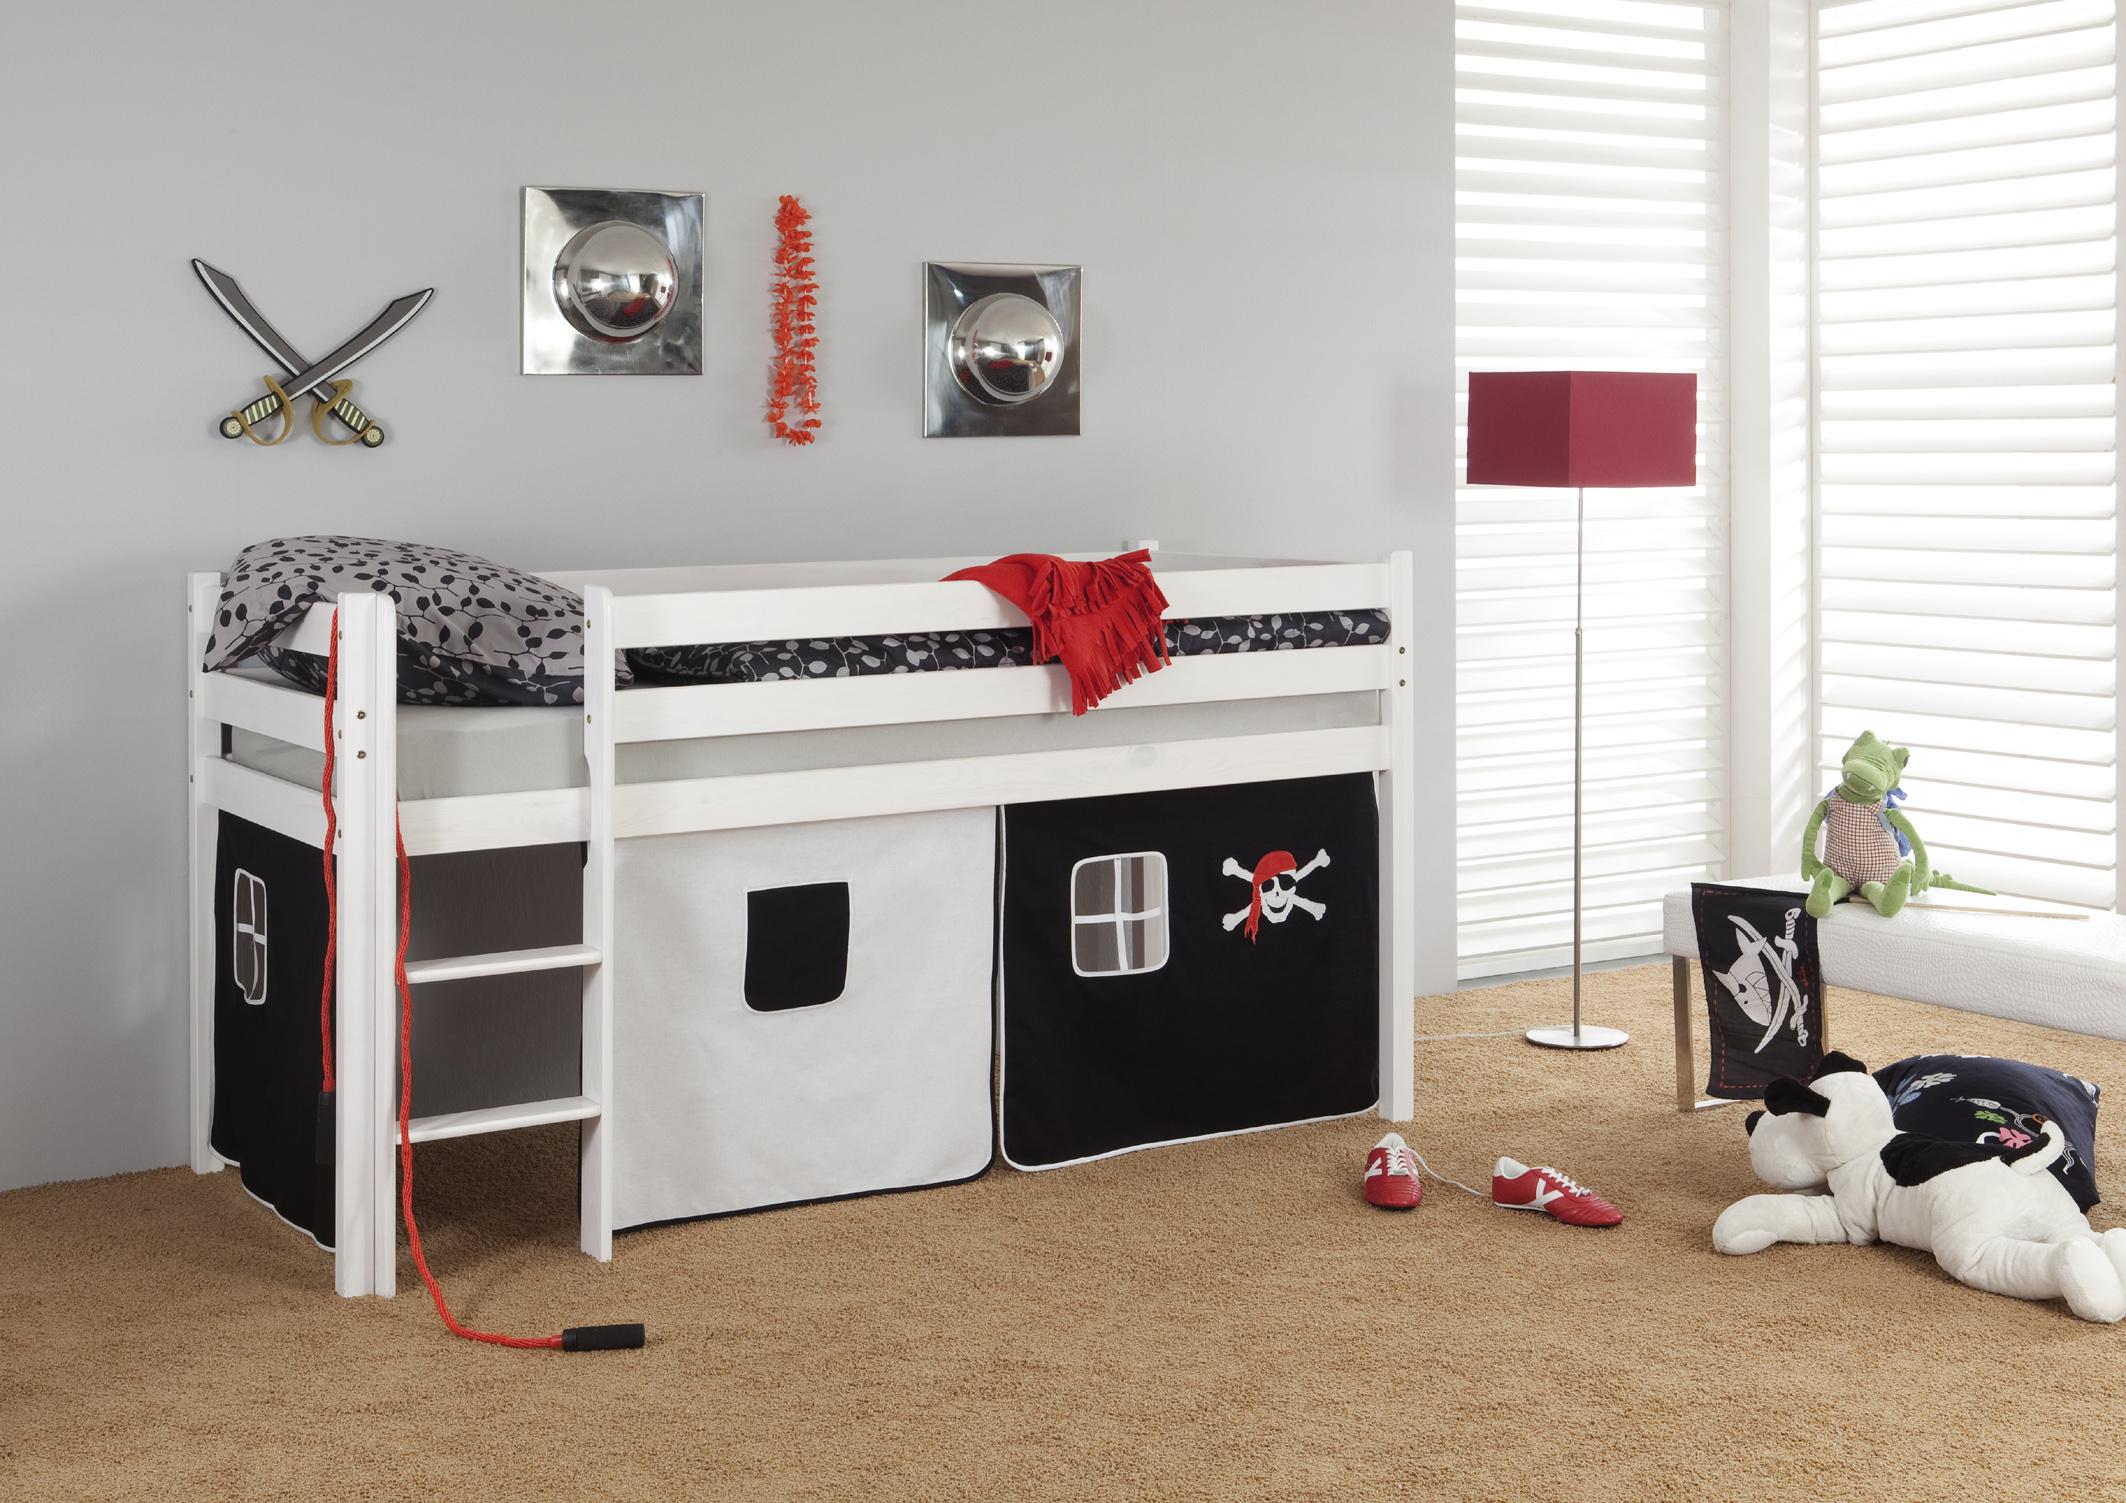 hochbett kiefer massiv wei mit vorhang seemann pirat jungen. Black Bedroom Furniture Sets. Home Design Ideas